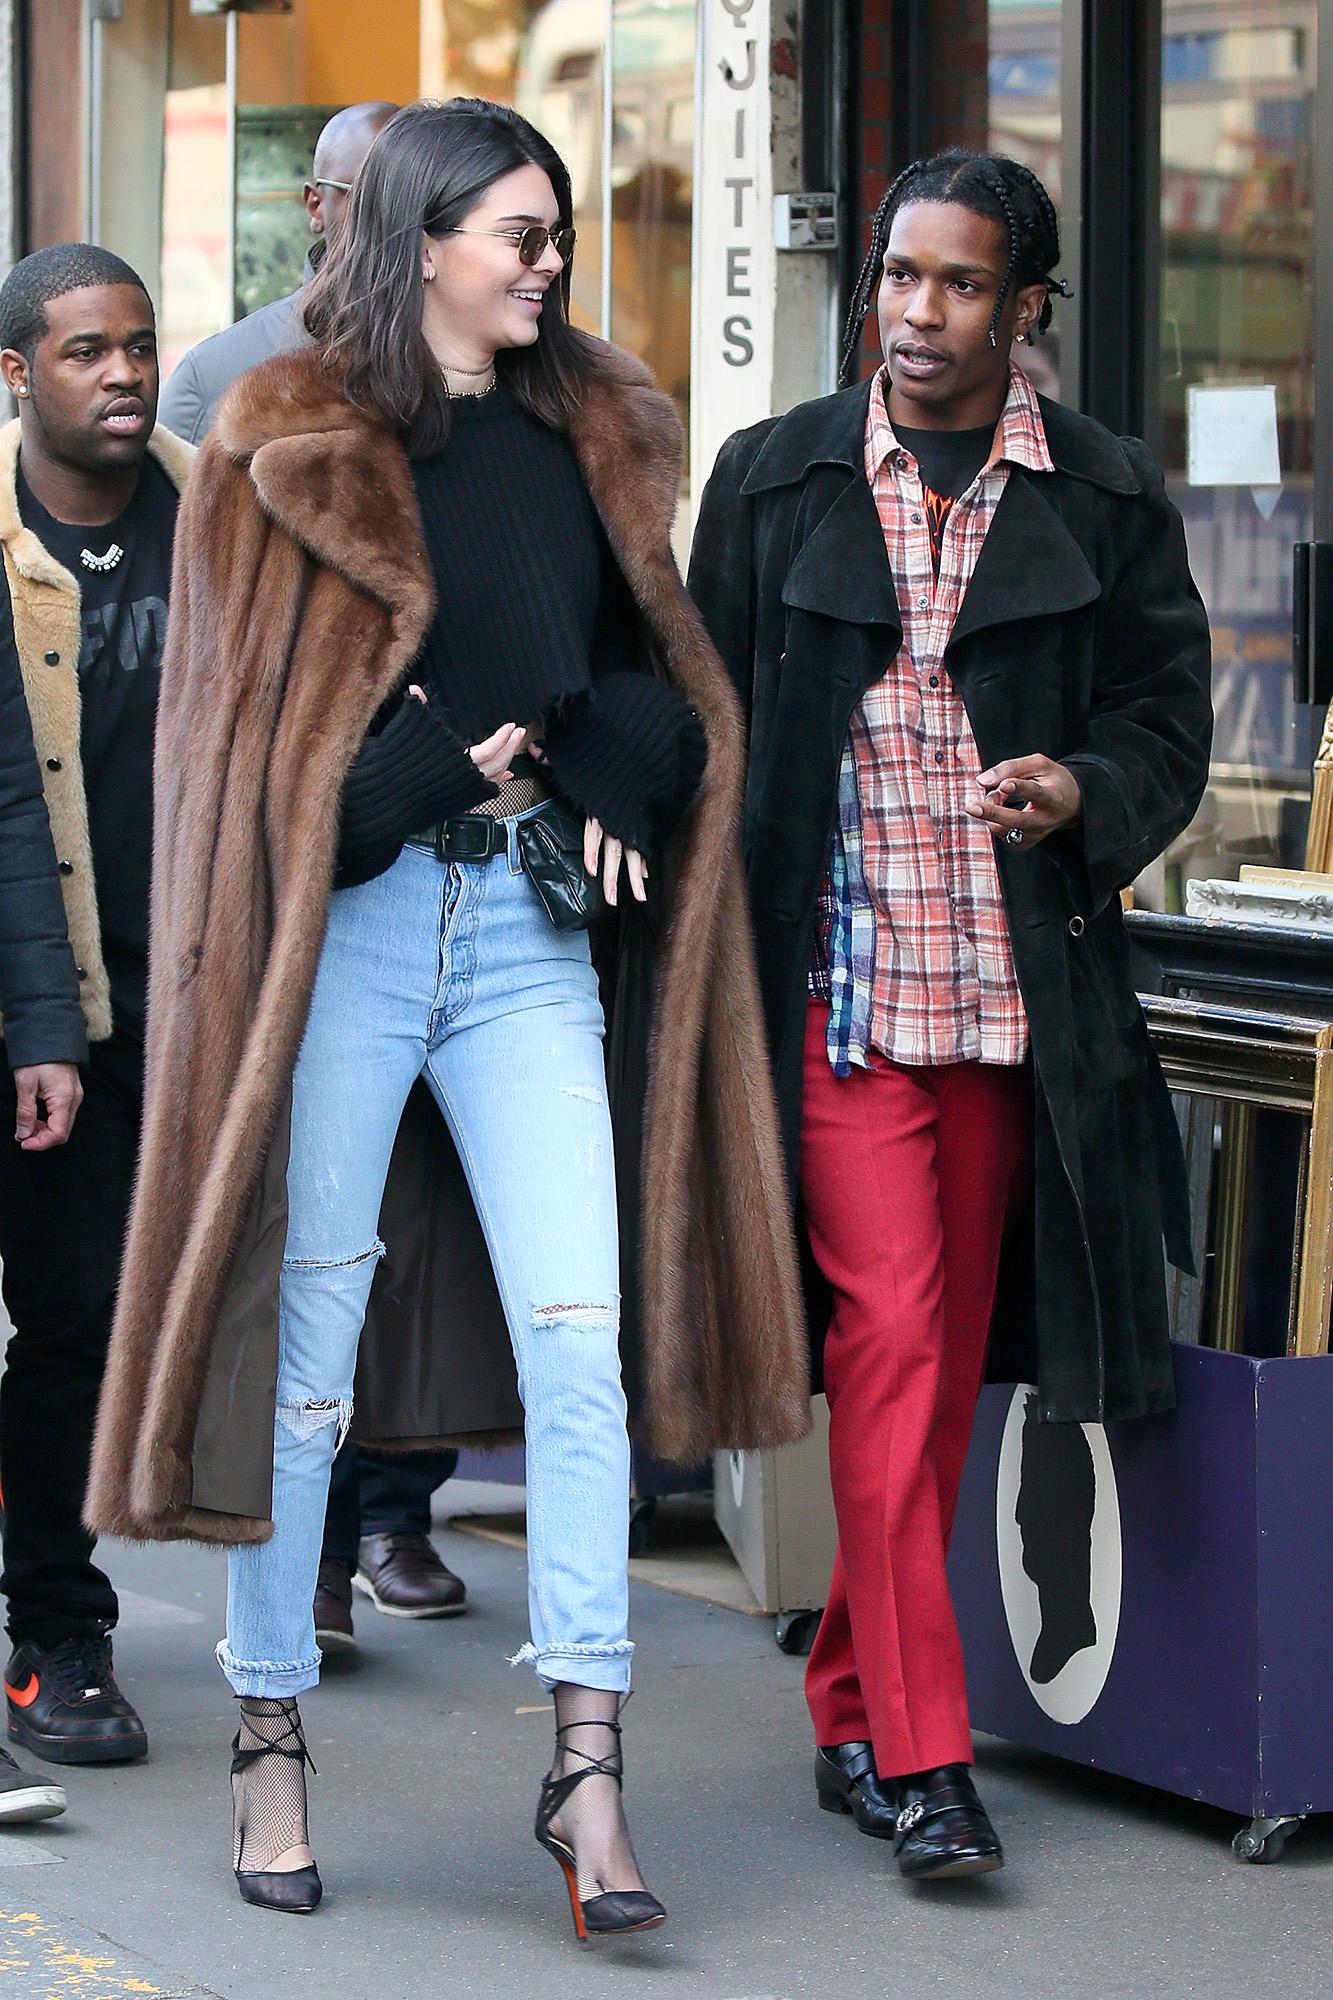 Kendall Jenner, A$AP Rocky Visit Paris Flea Market